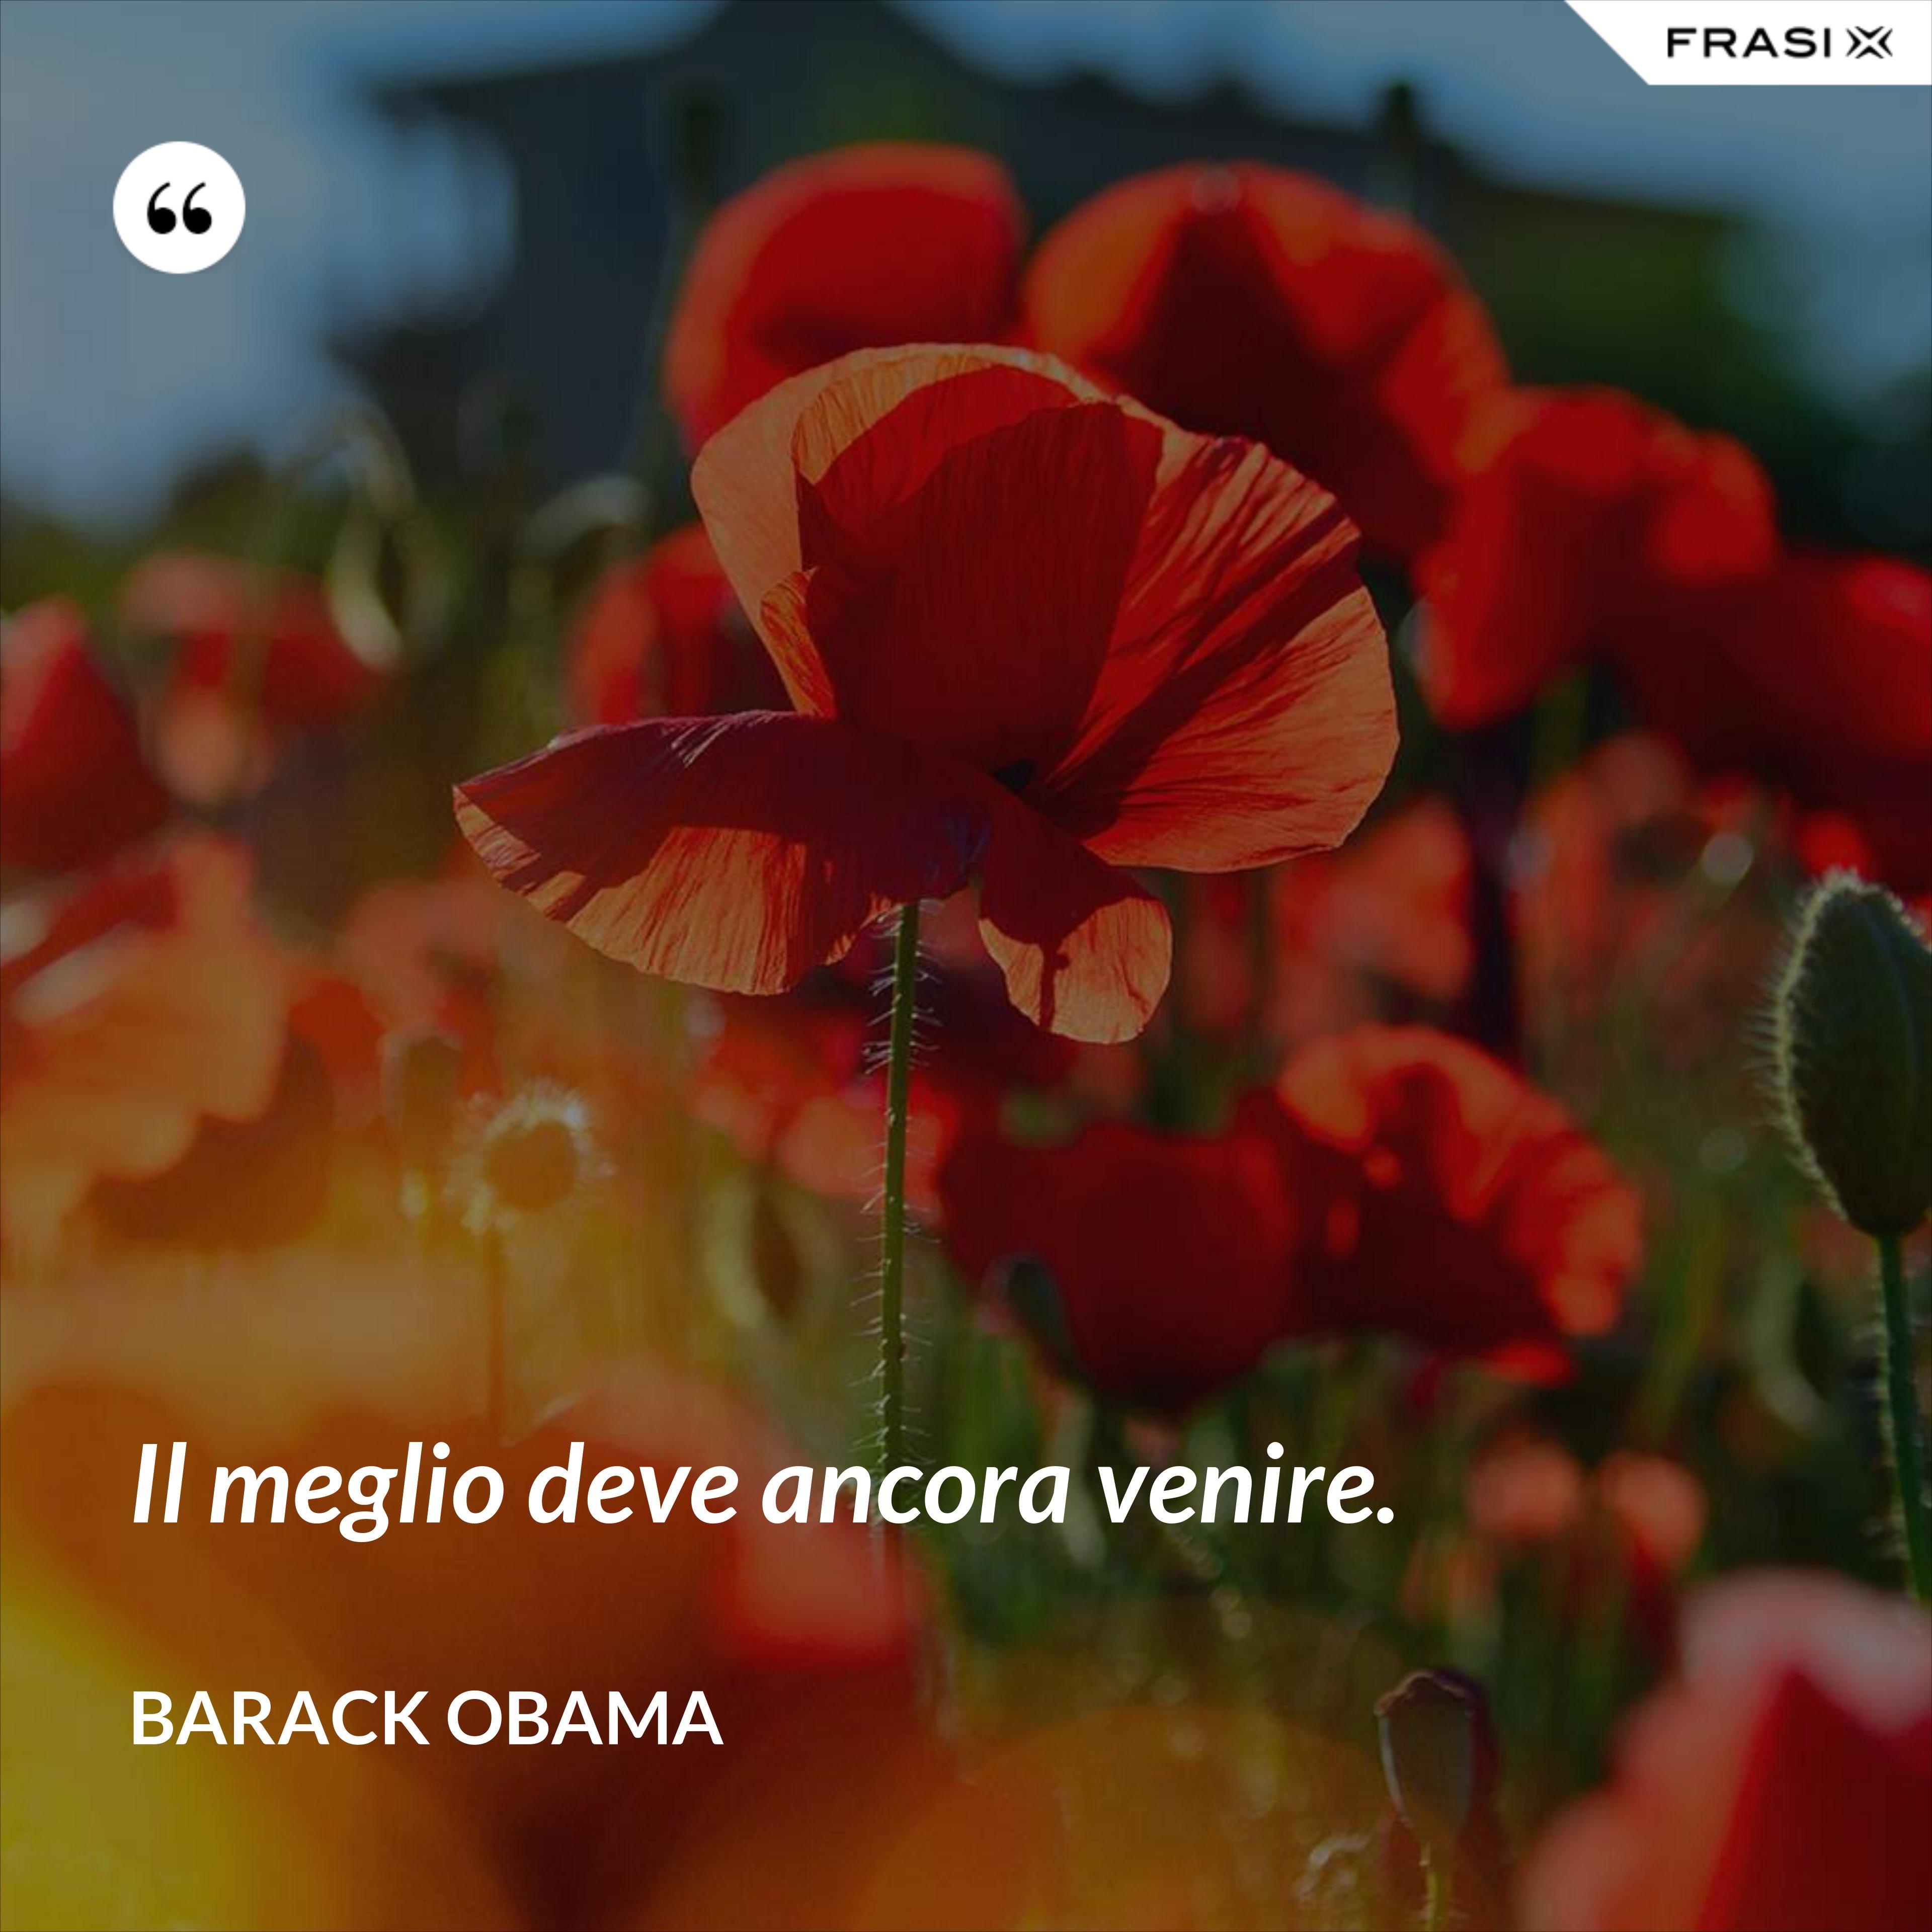 Il meglio deve ancora venire. - Barack Obama